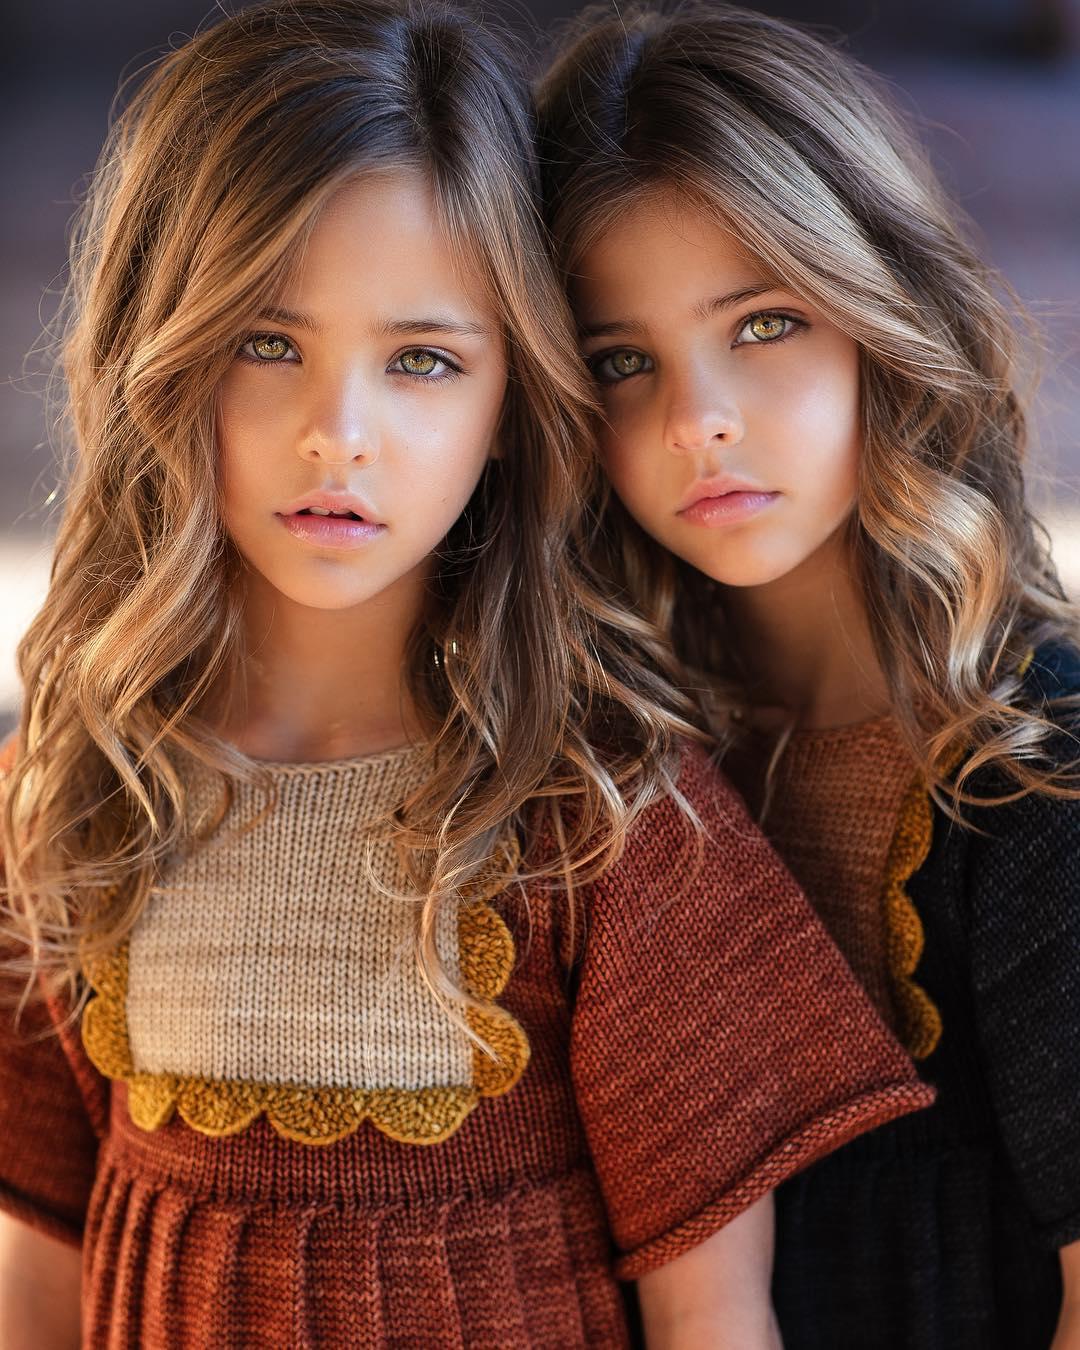 ТОП - 7 Самых Красивых Детей О Которых Говорит Весь Мир